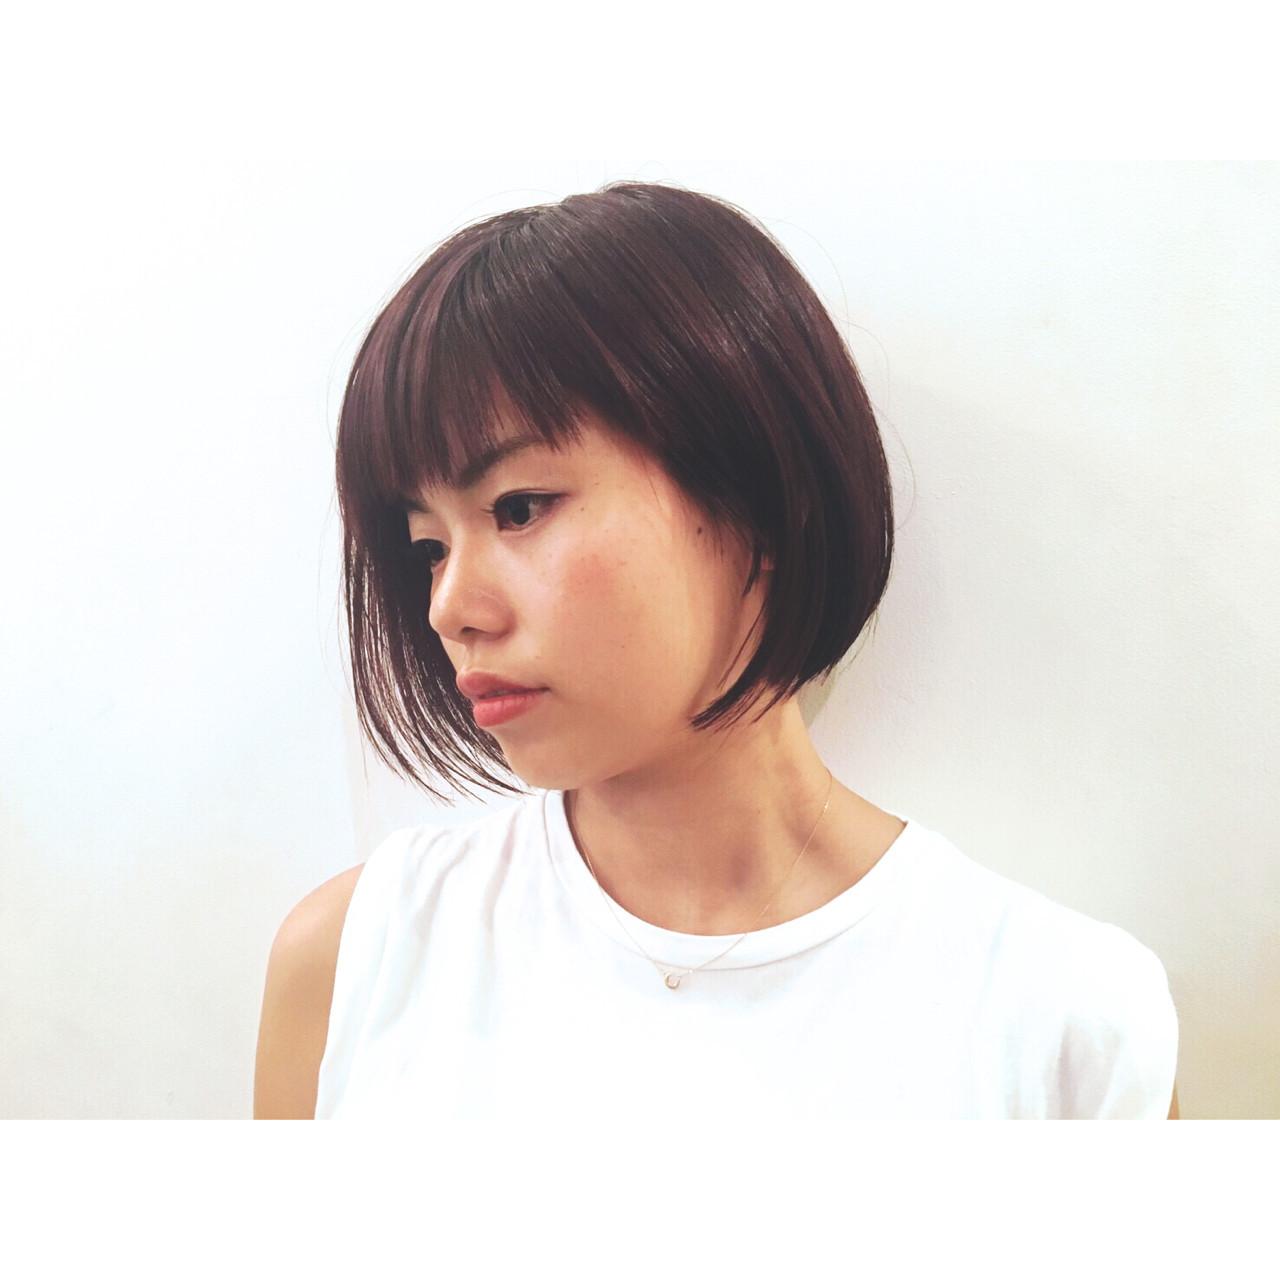 ぱっつん×アシメで上品な大人ショート 芦原 照成 | Nicole.